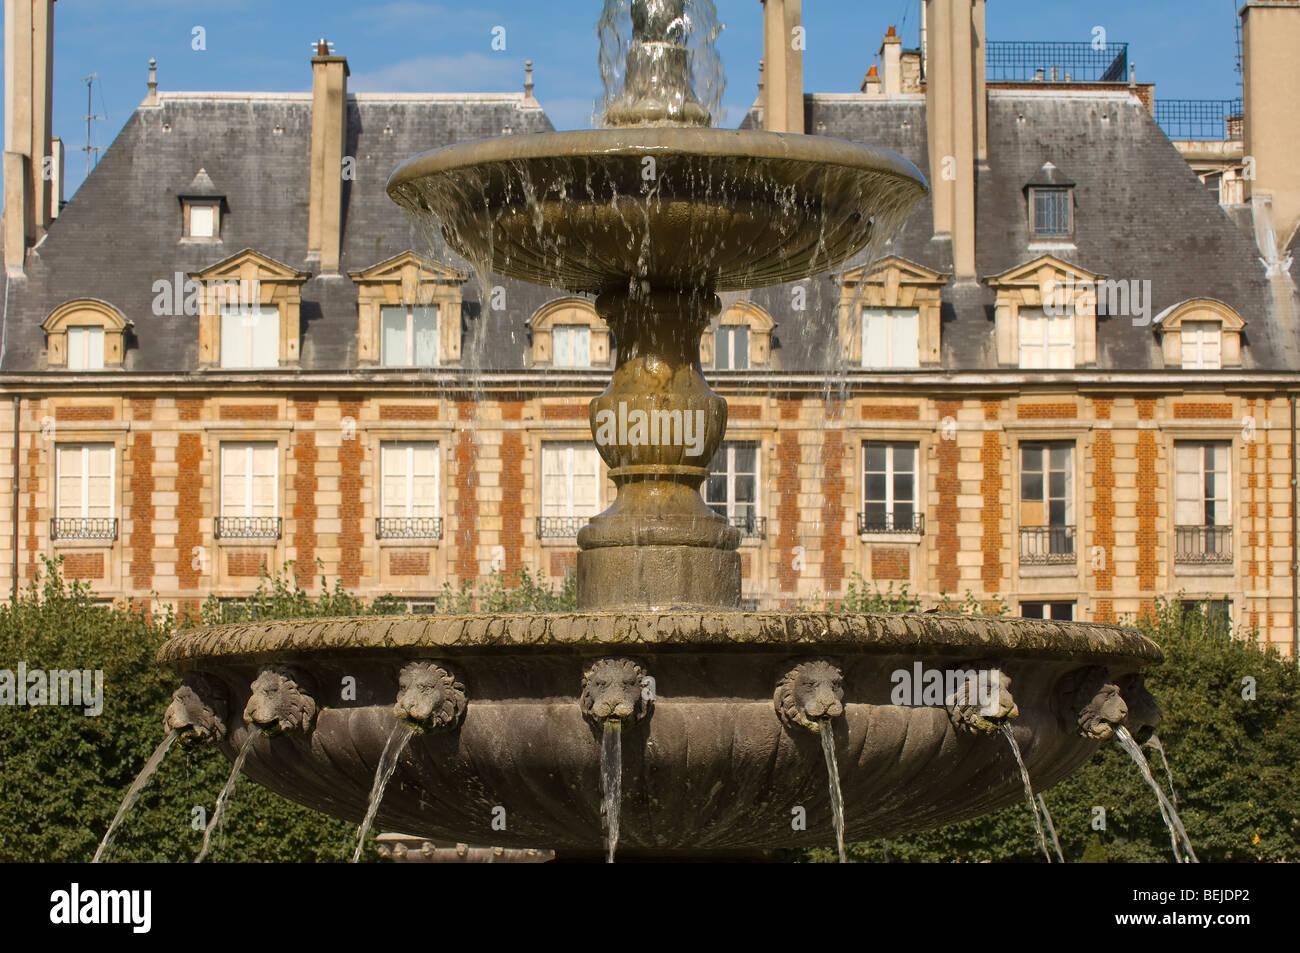 Place des Vosges, Le Marais area, Paris, France - Stock Image